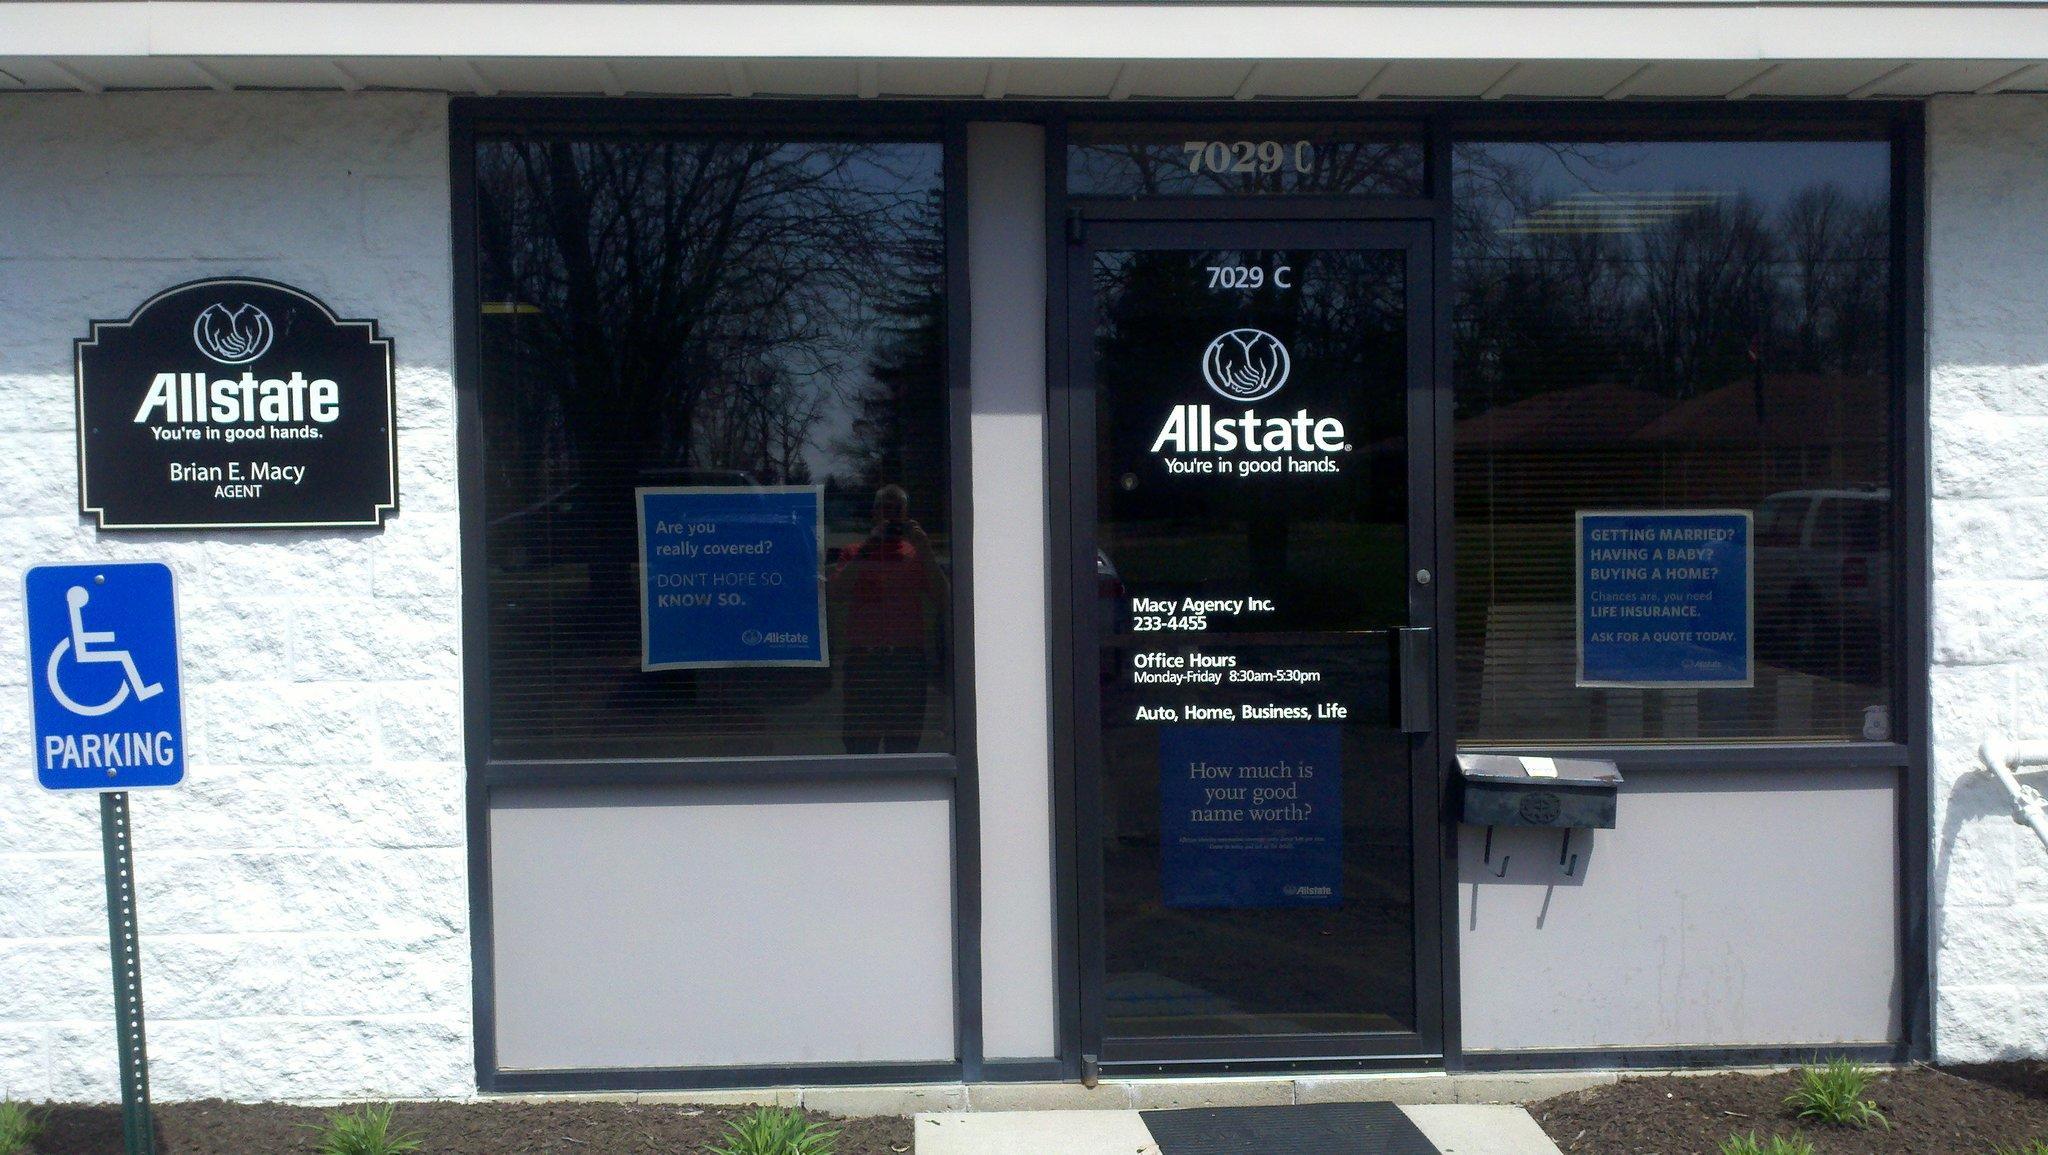 Brian E. Macy: Allstate Insurance image 1